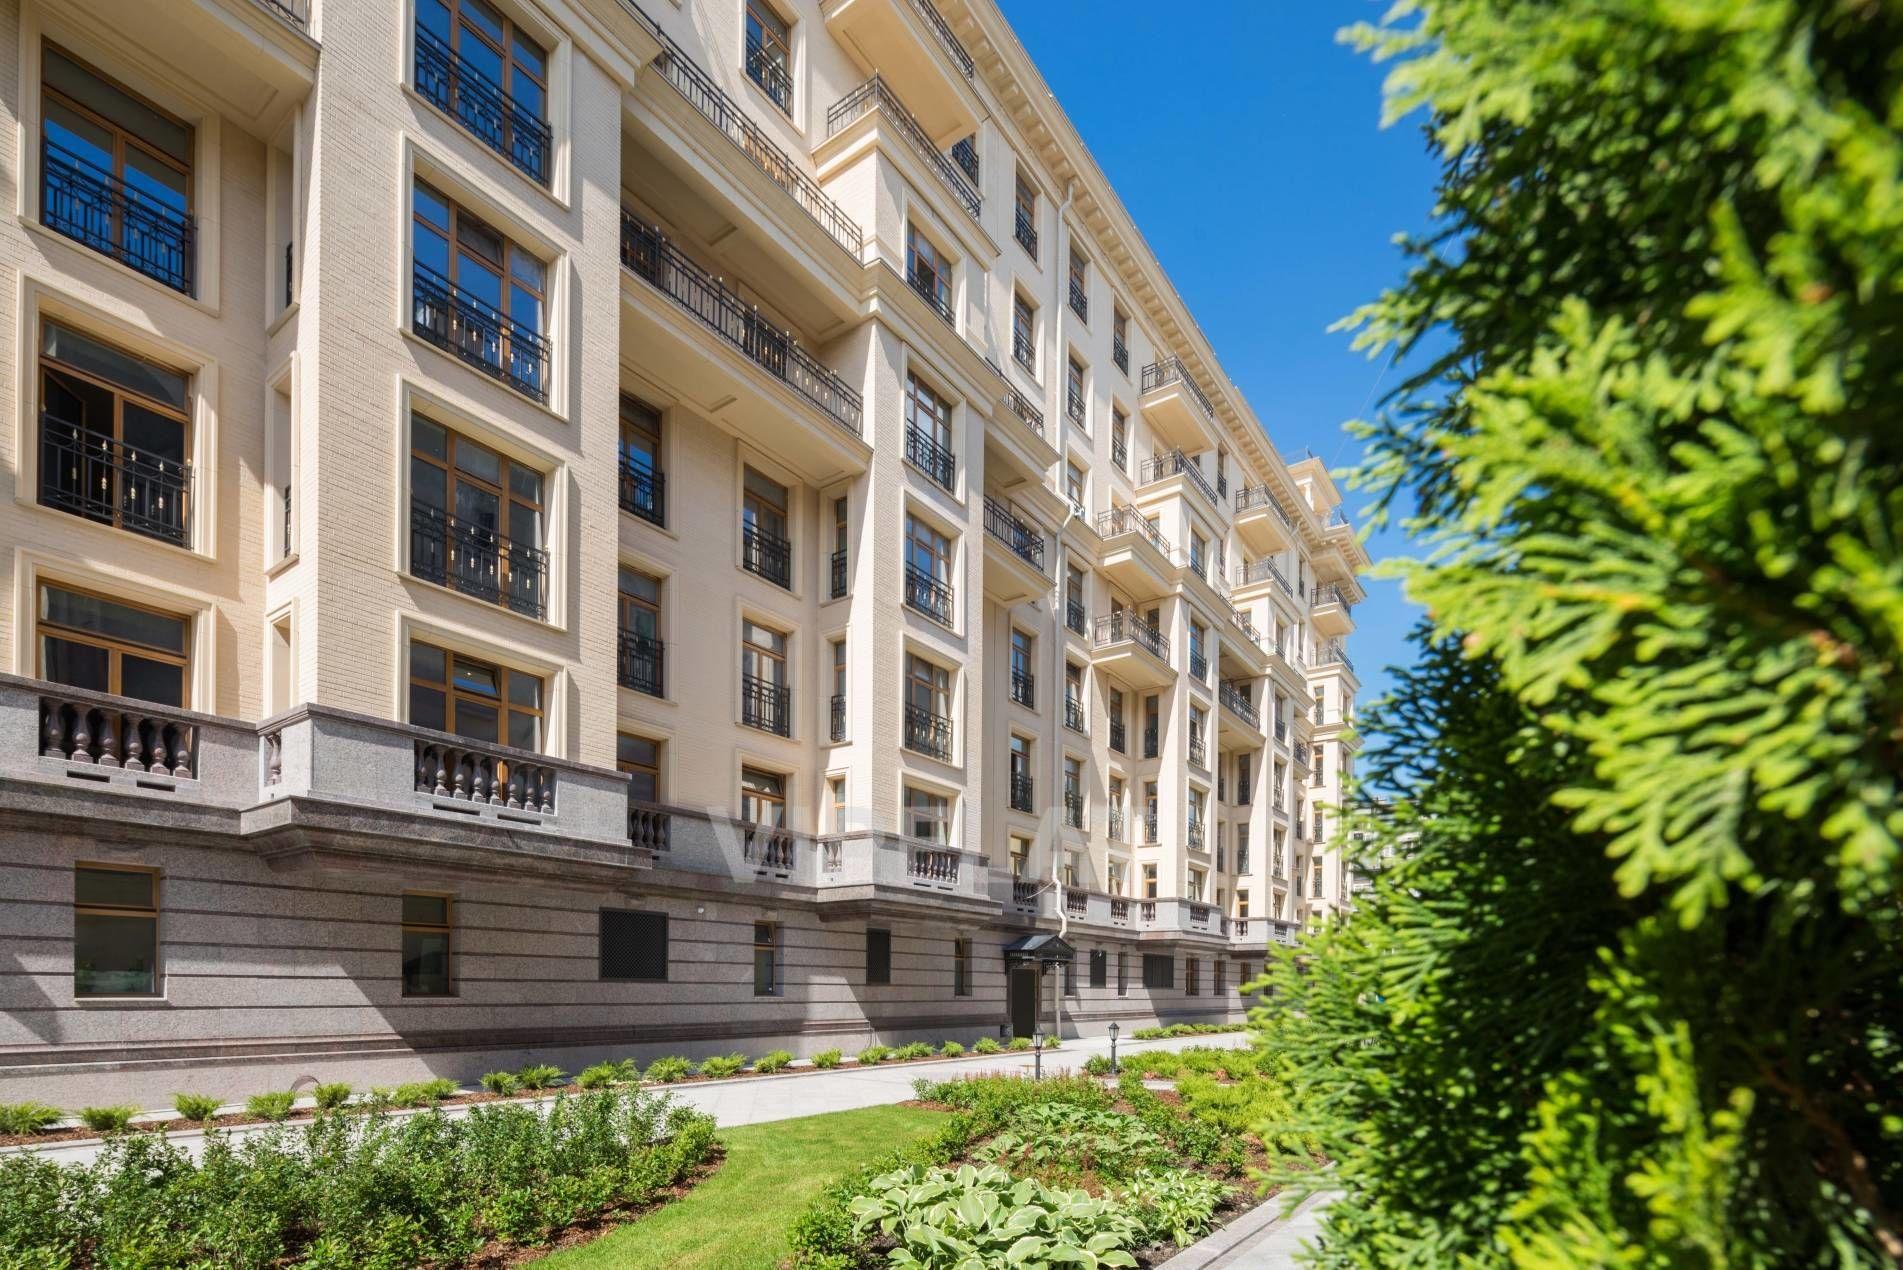 Продажа элитных квартир Санкт-Петербурга. Фонтанки наб., 76, лит. А Французские балконы и эркеры украшают фасад